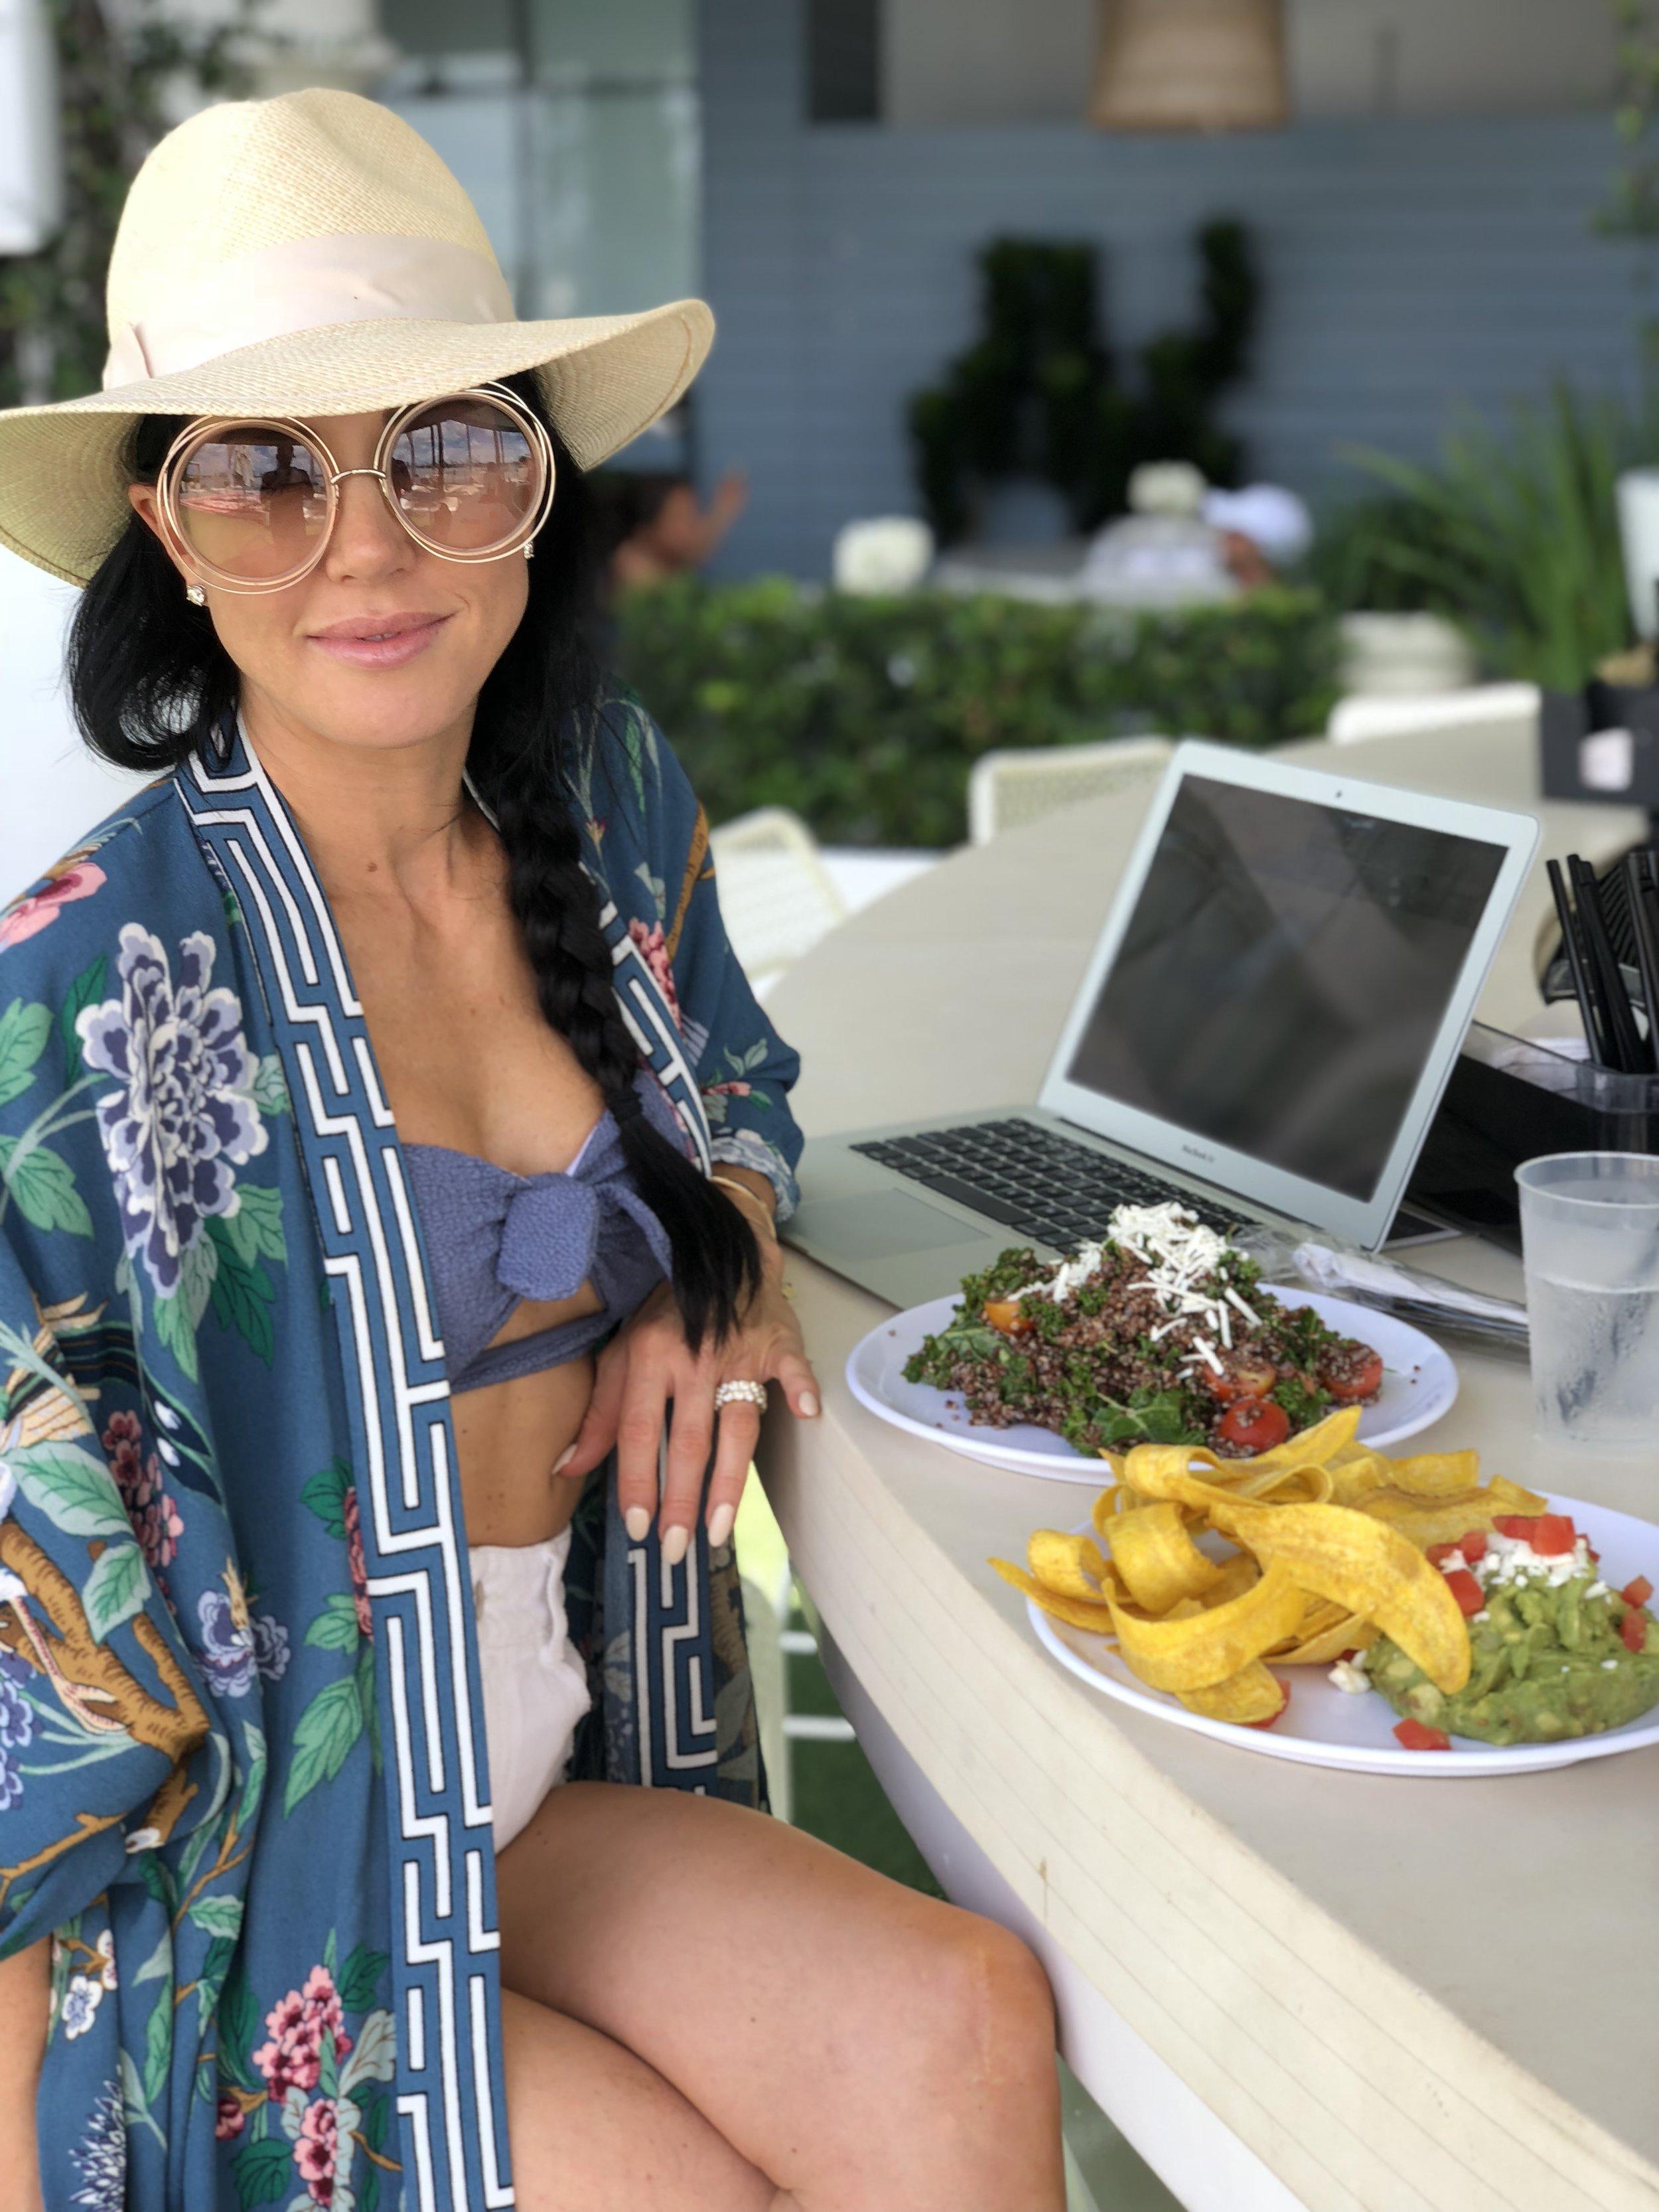 WHAT I EAT IN A DAY - My go-to's for staying on track and enjoying food and drinks